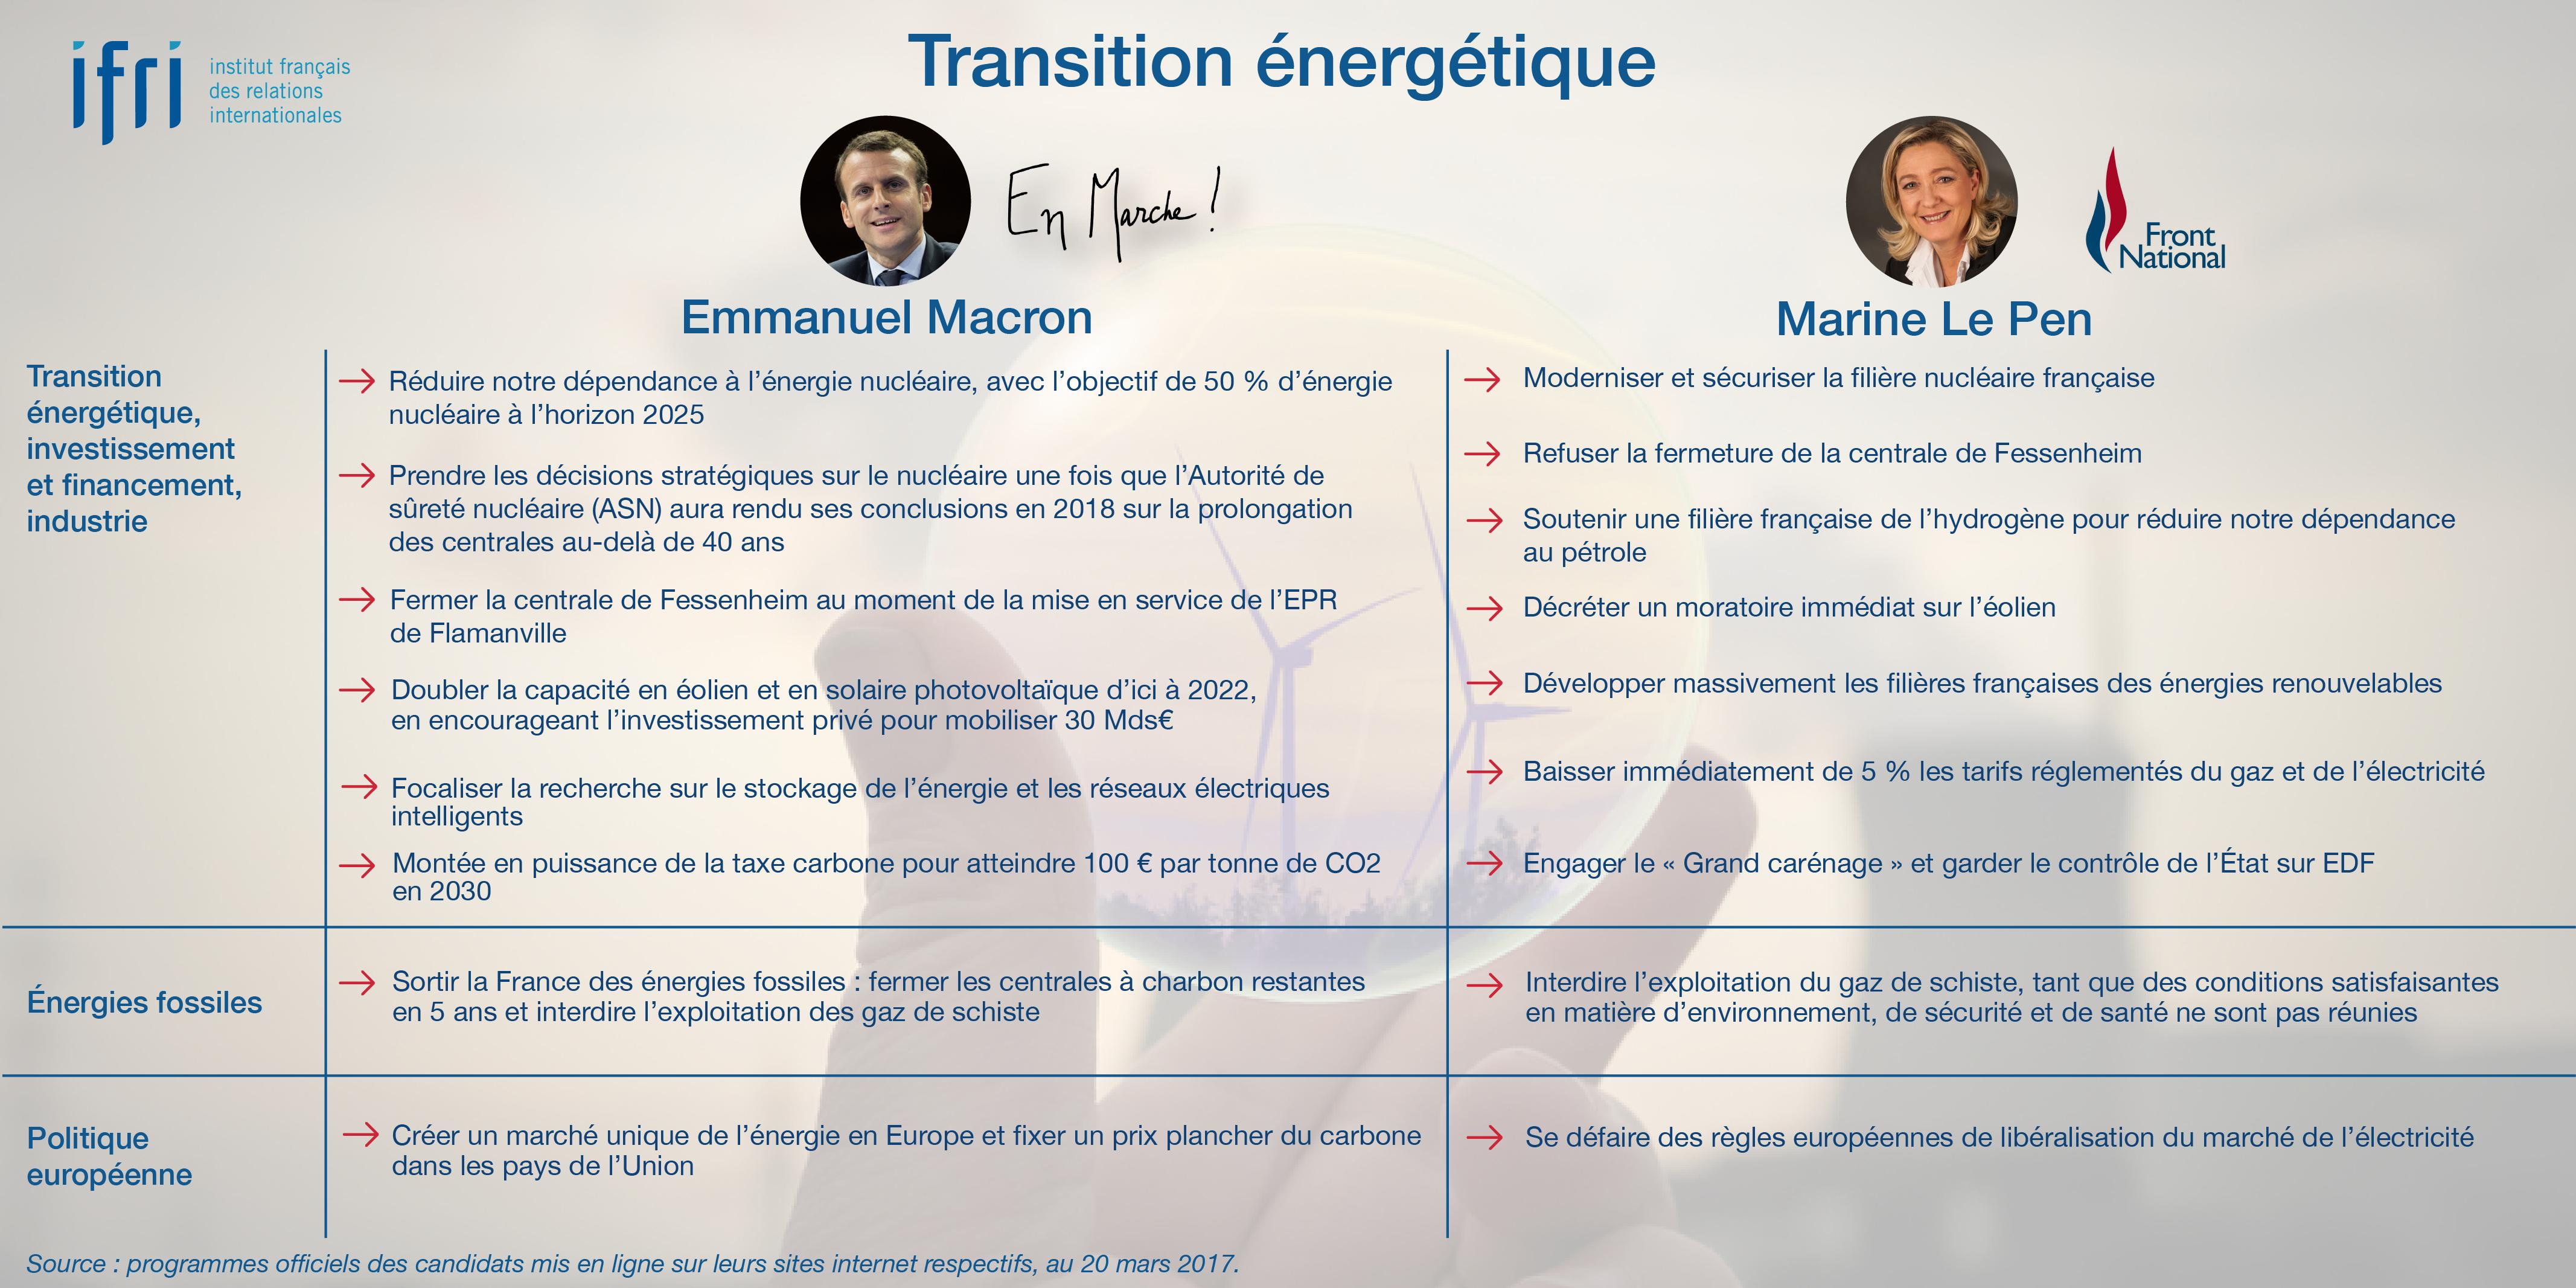 Transition énergétique - Macron - Le Pen - Présidentielle 2017